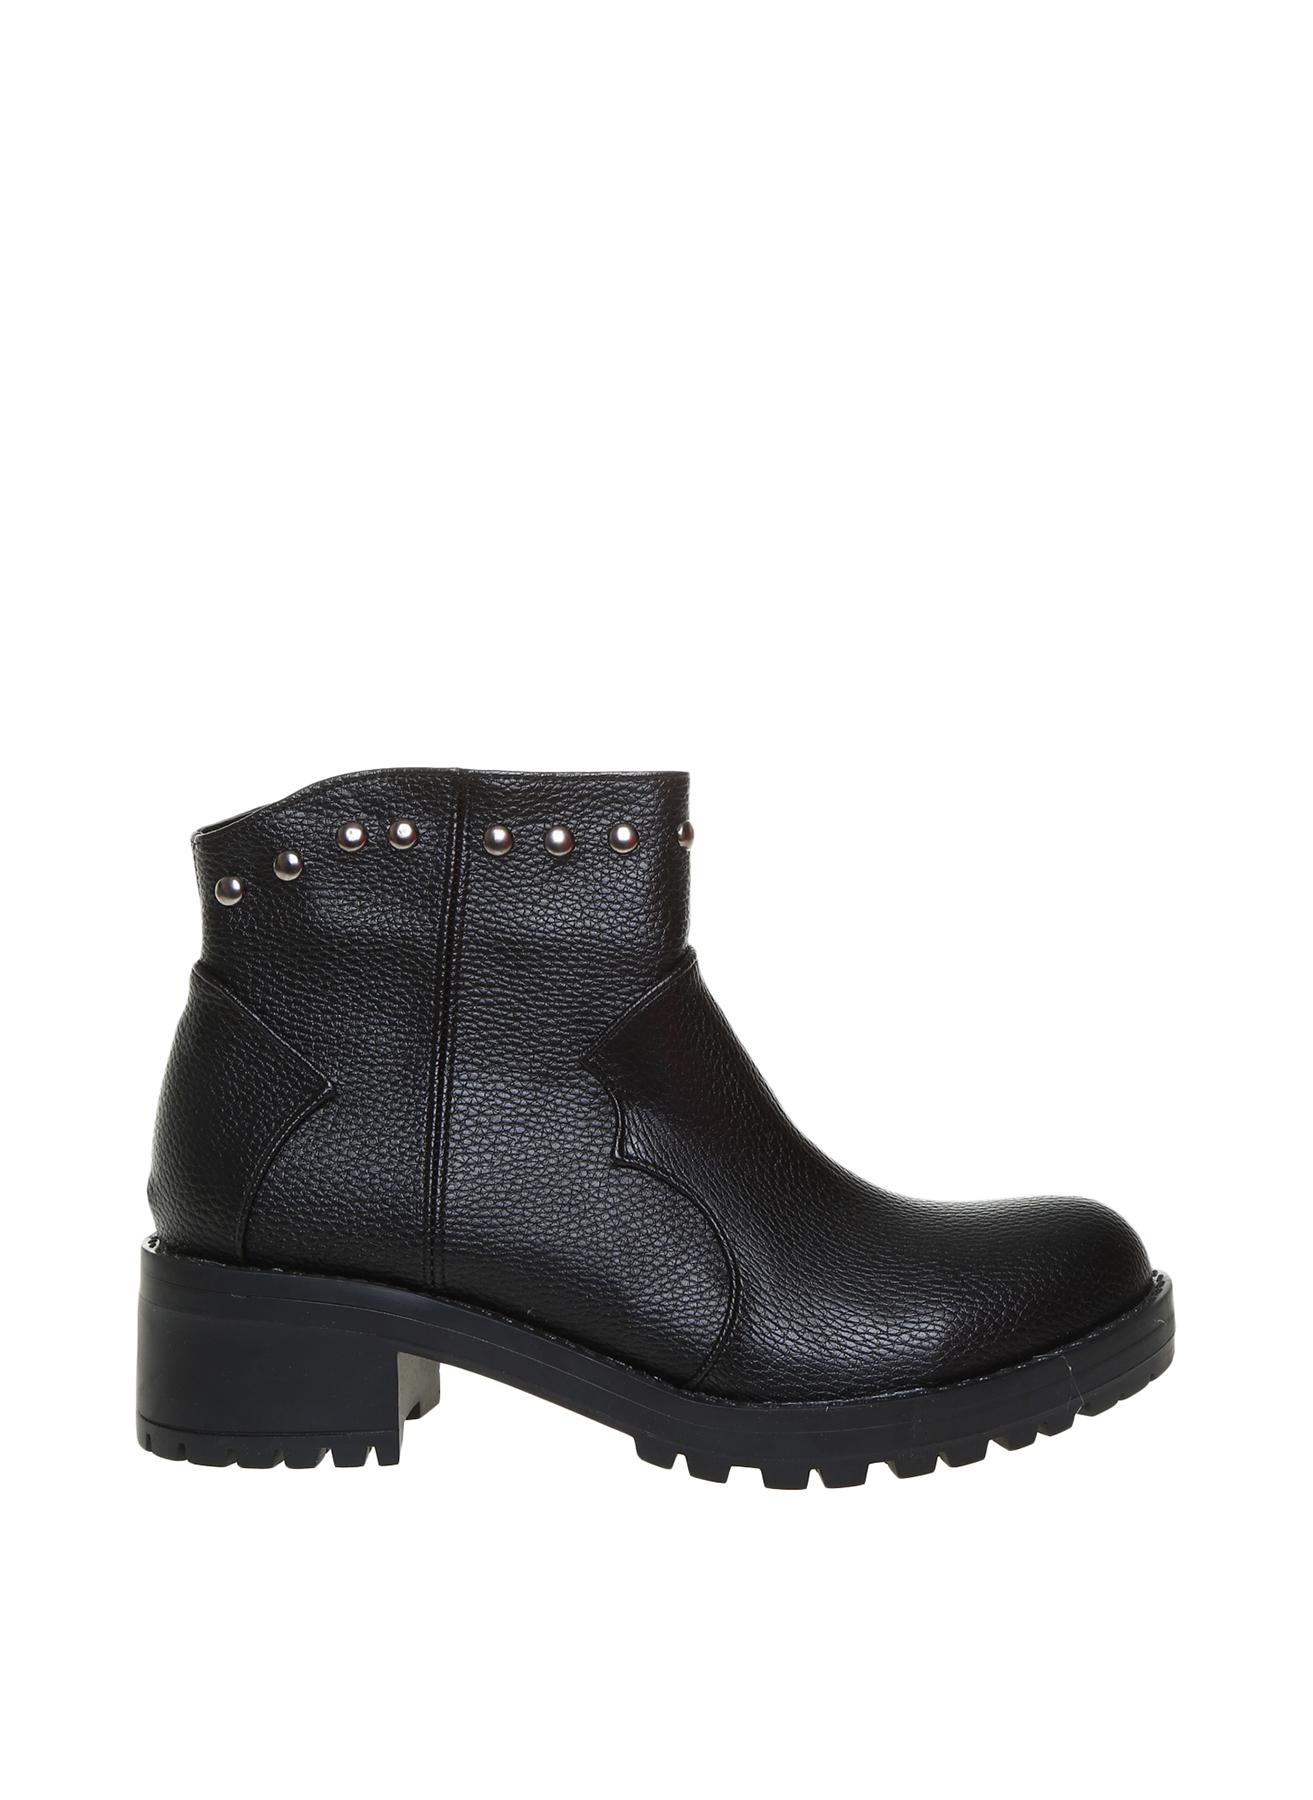 Pierre Cardin Kadın Dolgu Topuklu Siyah Bot 39 5001920864004 Ürün Resmi